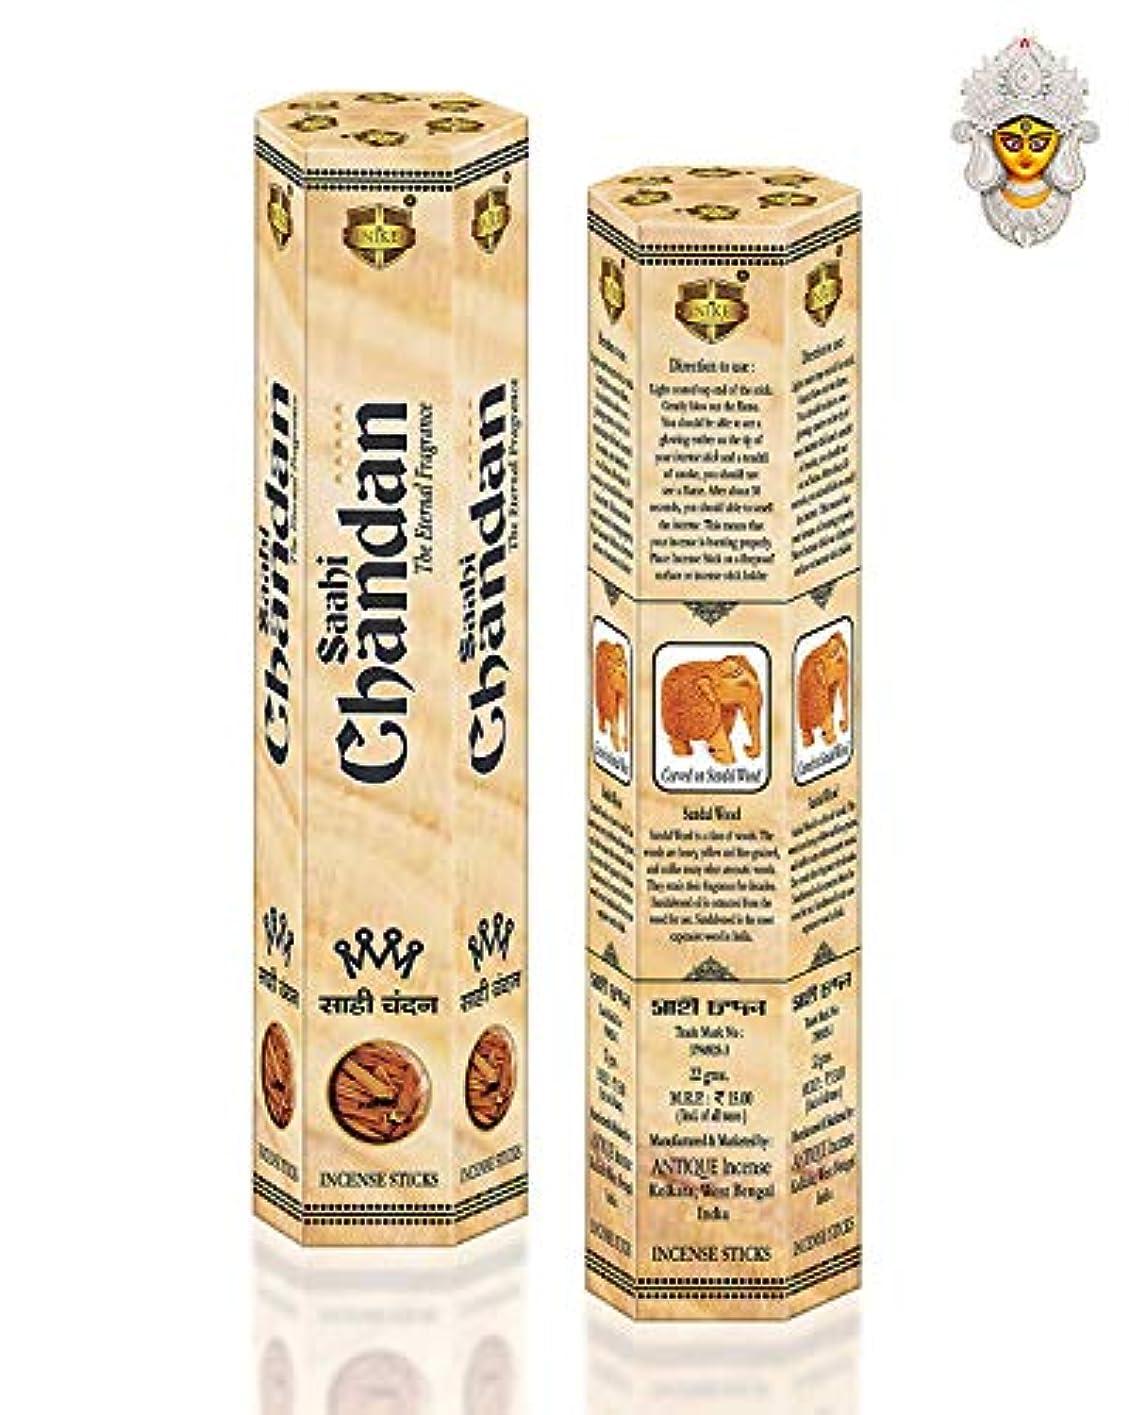 引き潮ポジション入るSAAHI CHANDAN Precious Sandal Wood Fragrance Agarbatti (Moisture Proof Pack of 12)